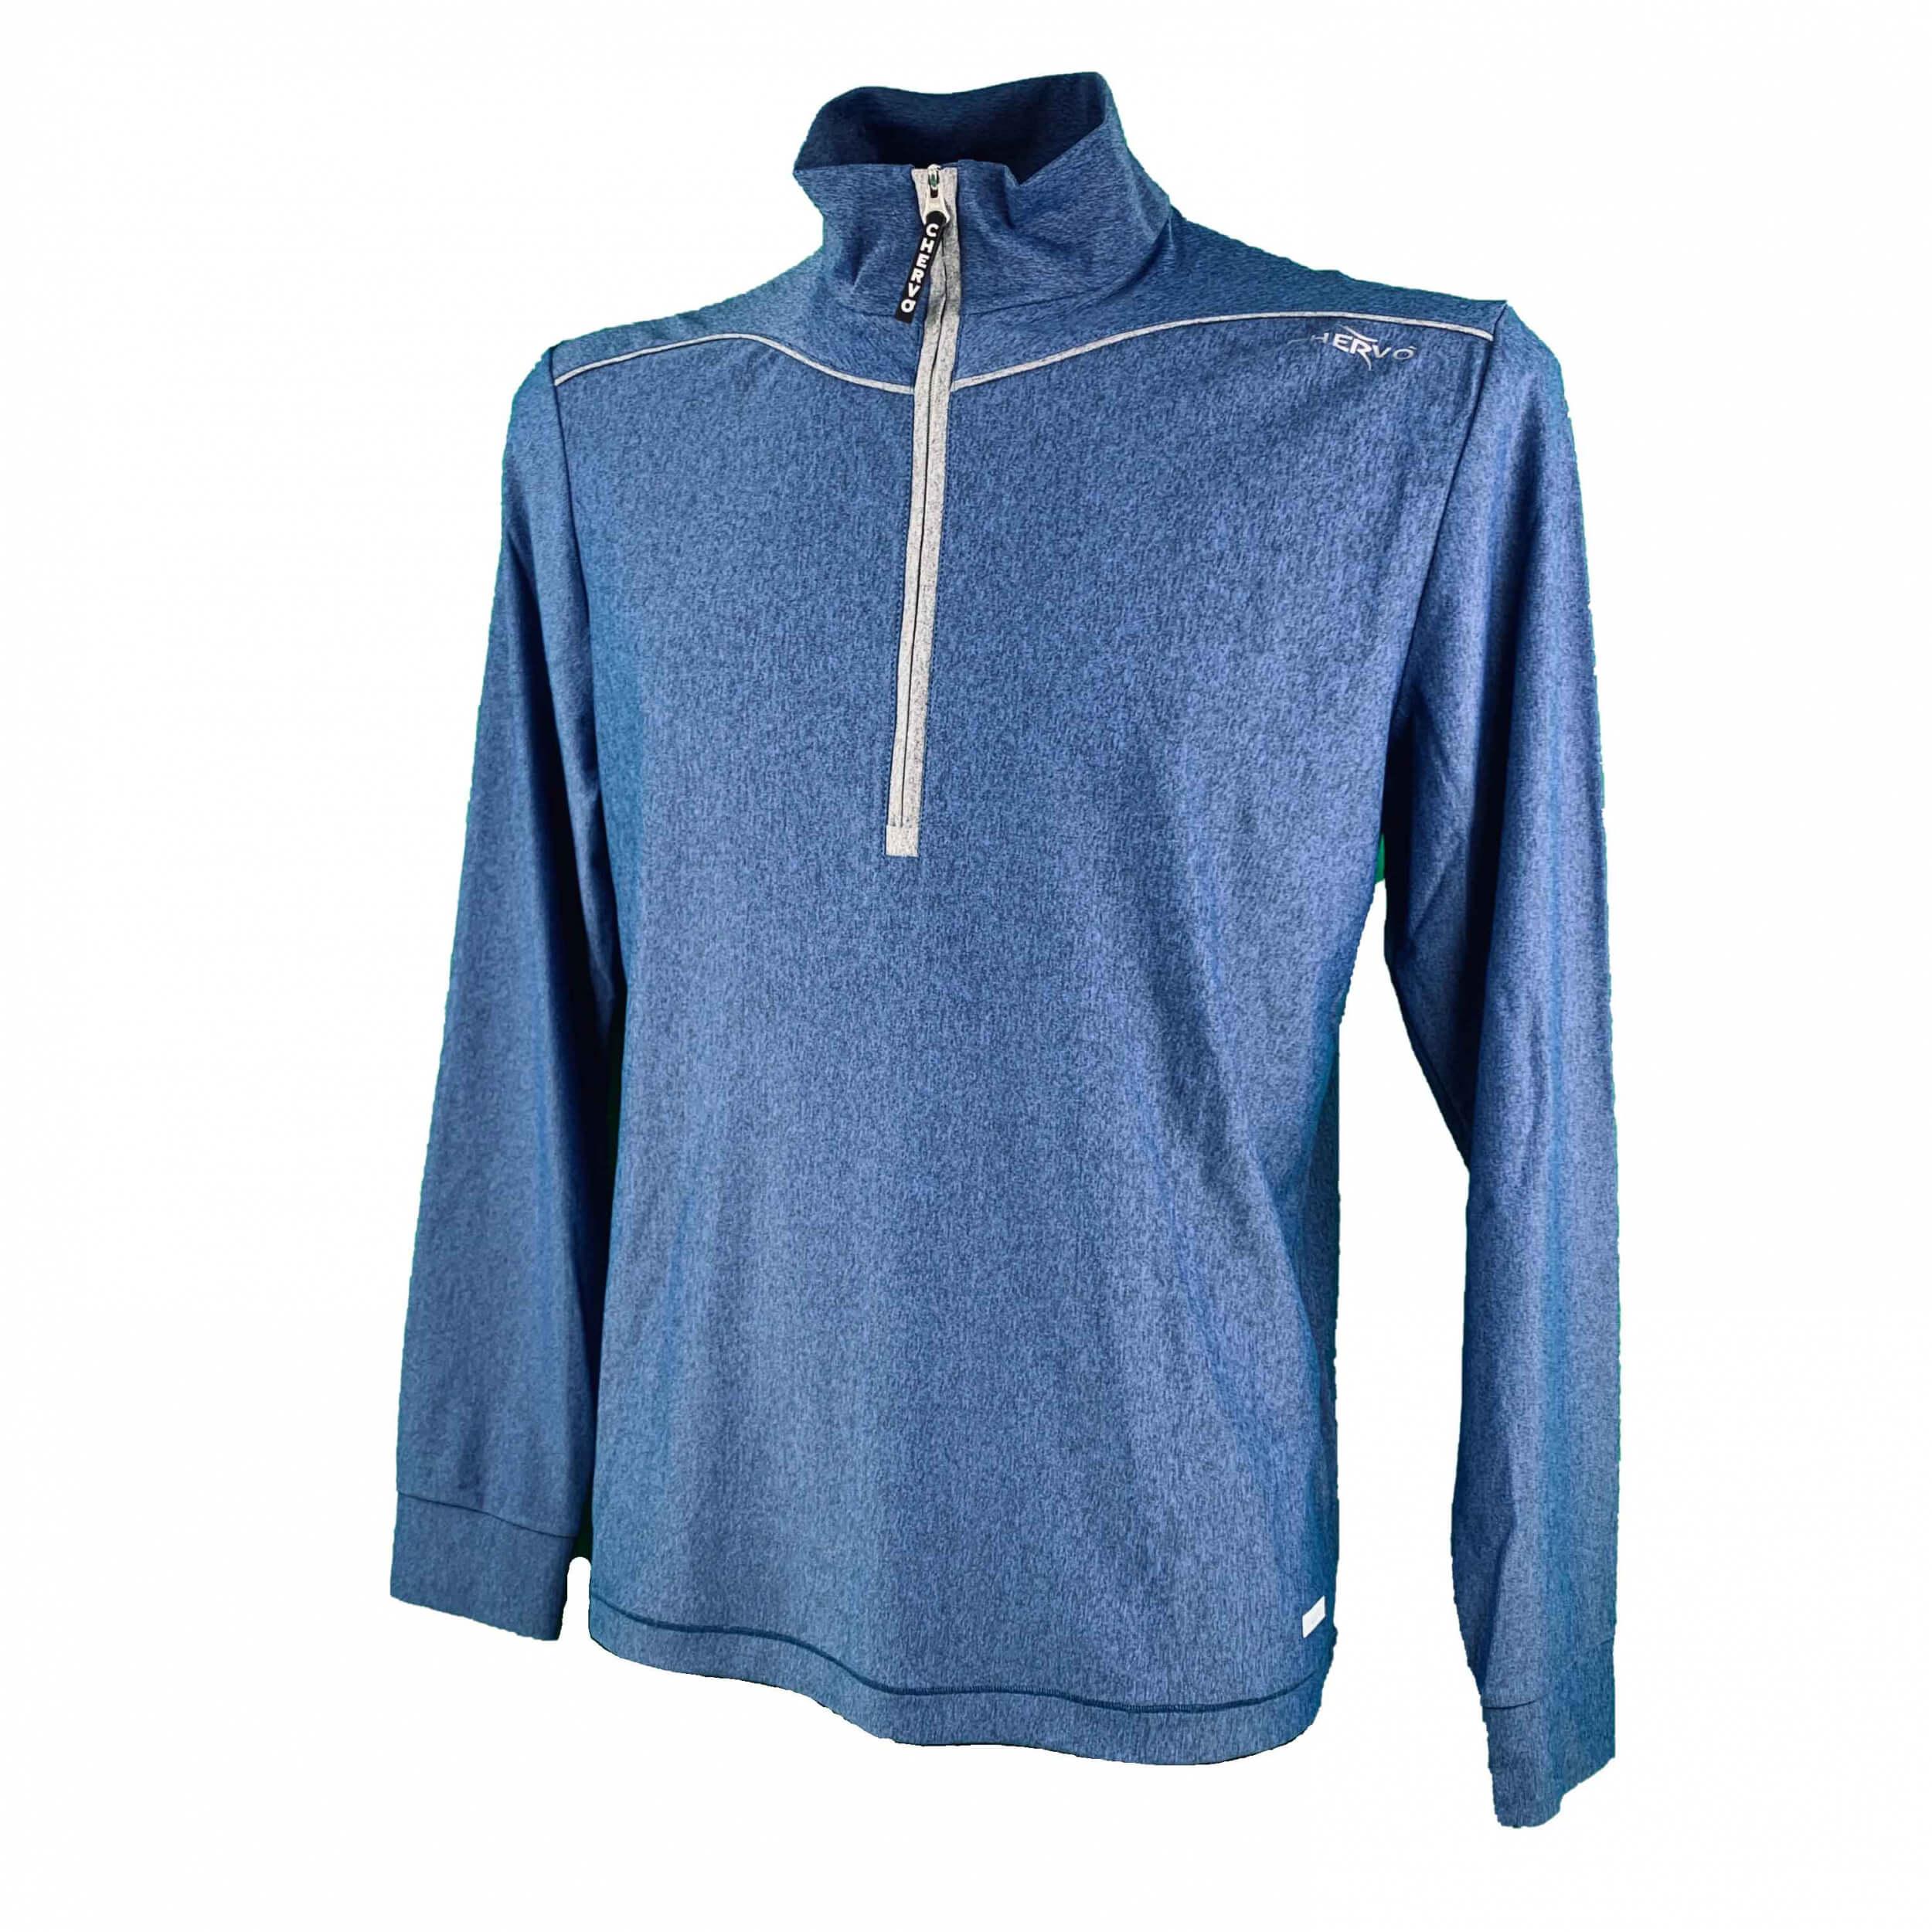 Chervo Herren leichtes Shirt Pollon SUN BLOCK blau 65E